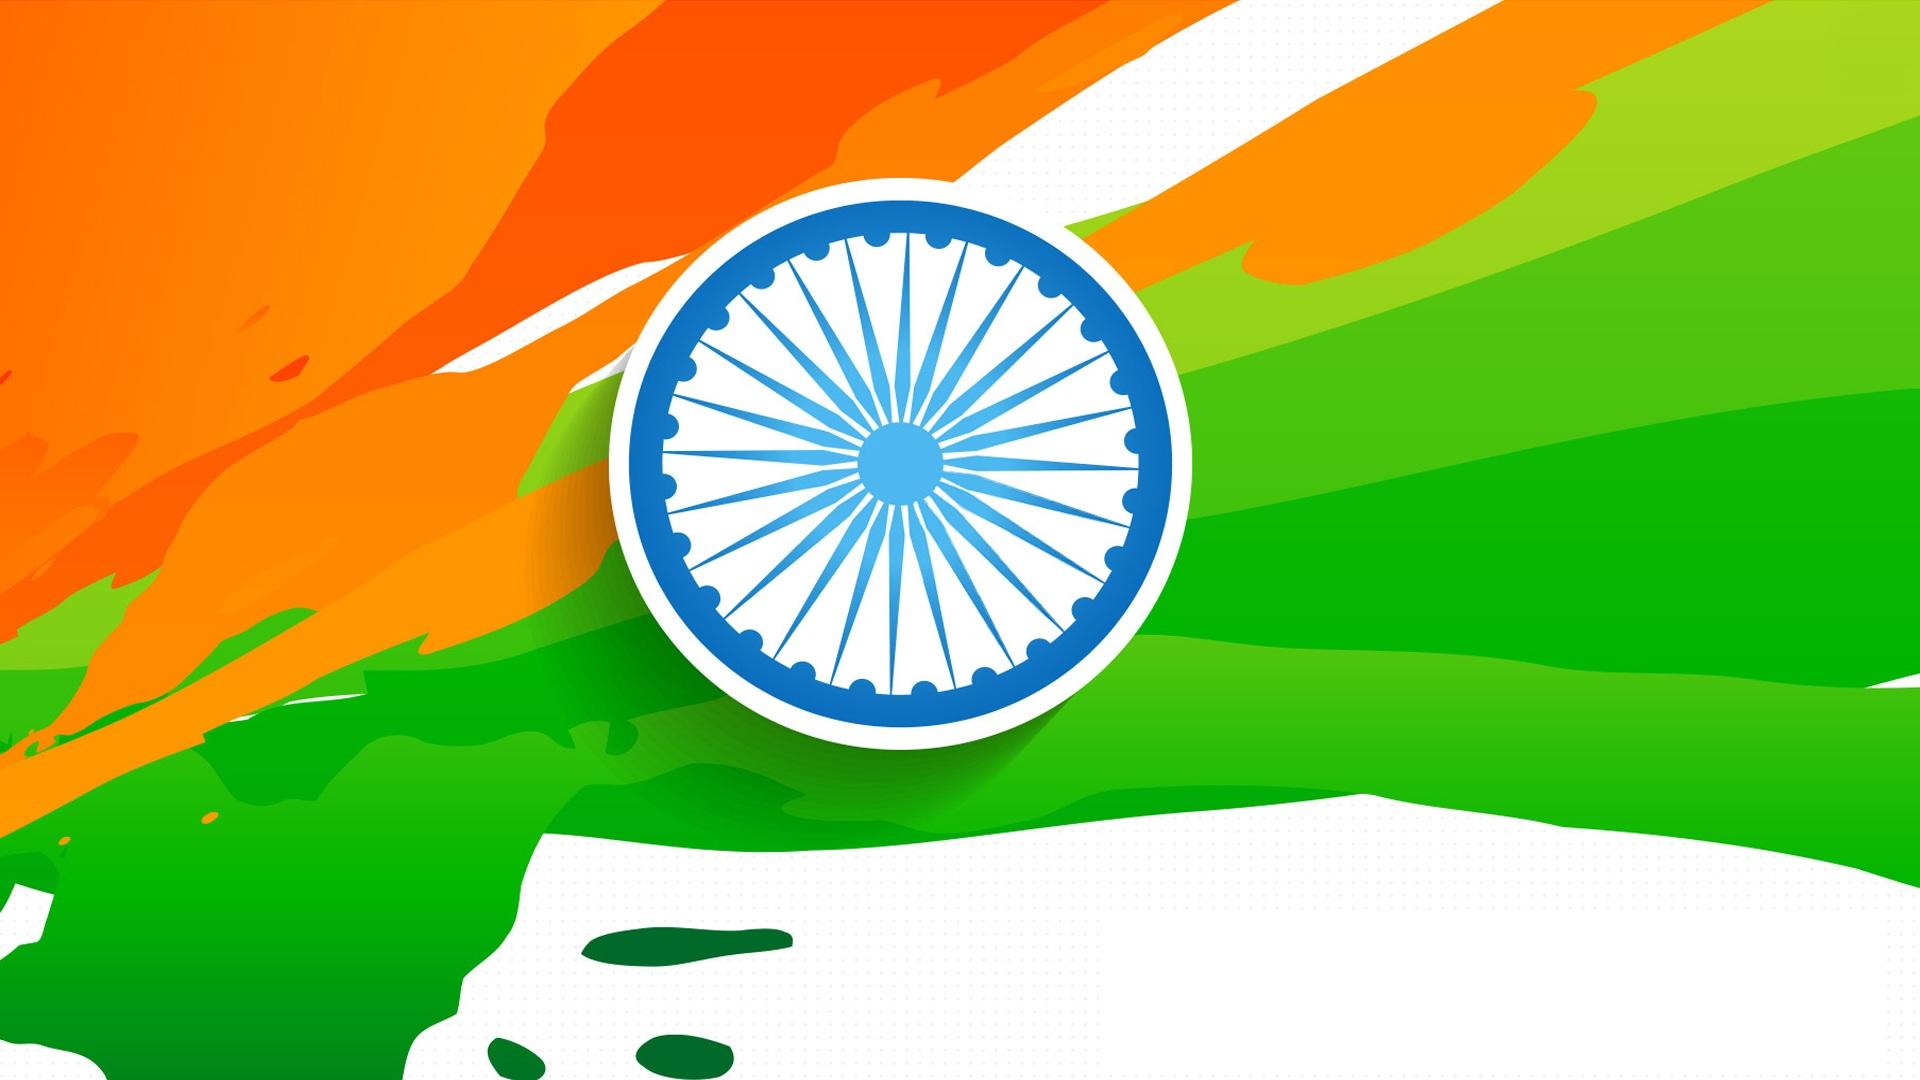 Bangladesh Flag Theme